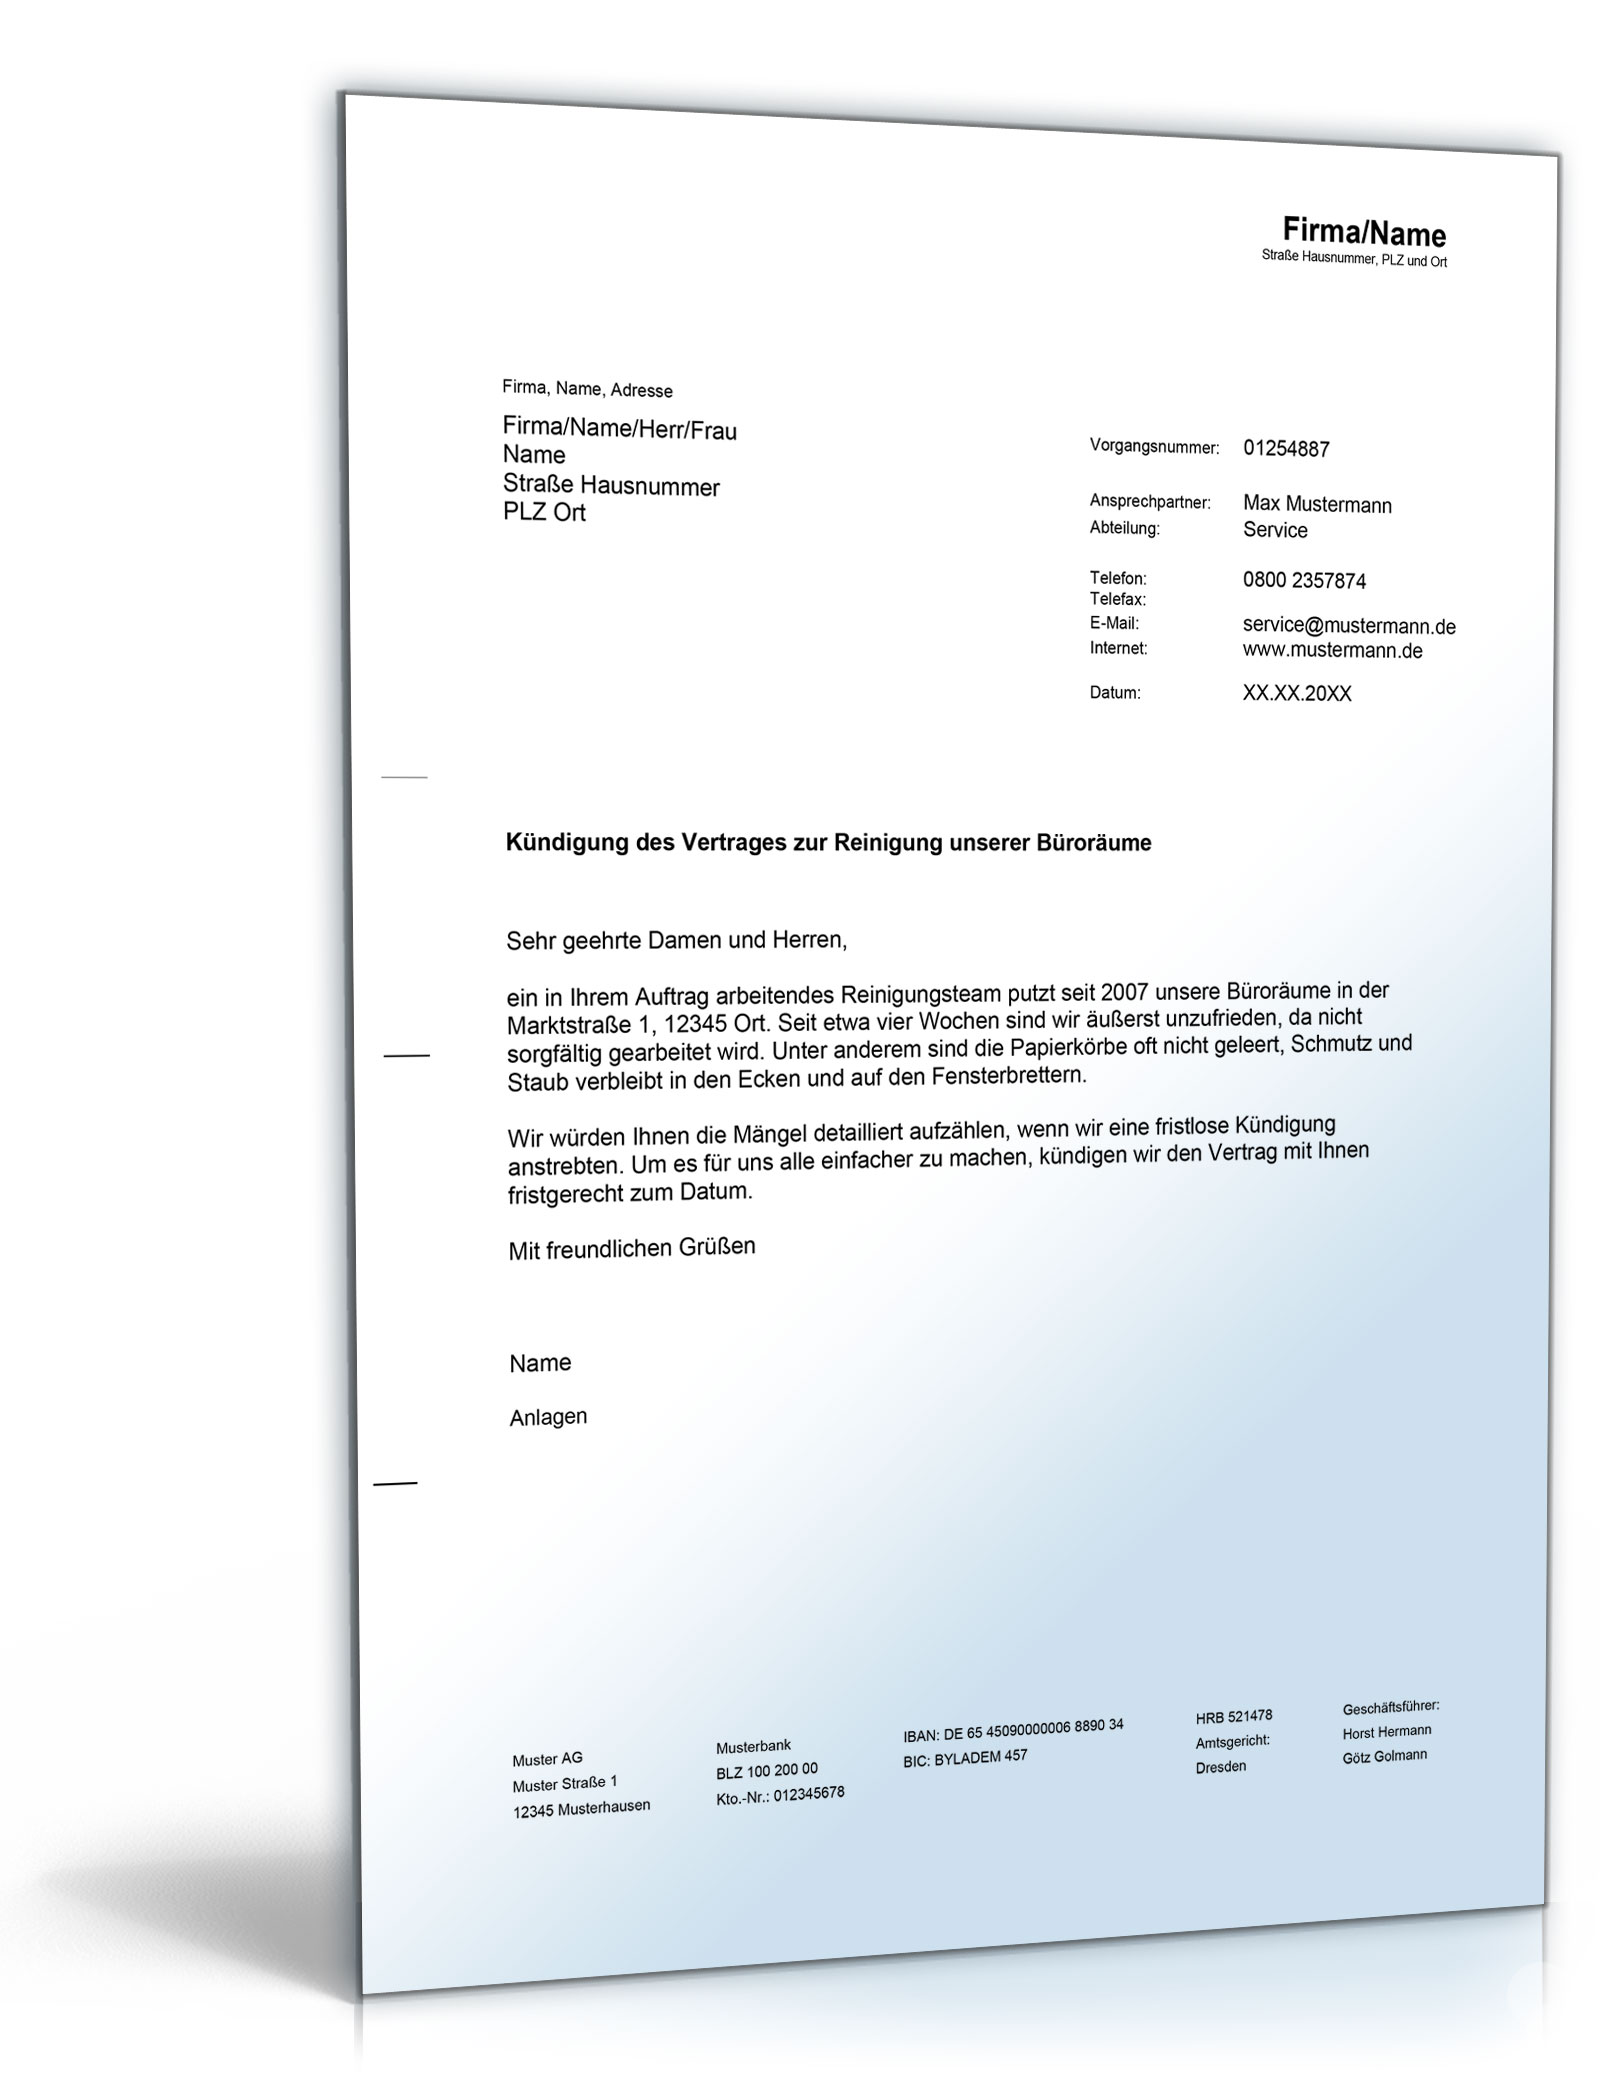 Gemütlich Kündigung Des Einstellungsformulars Galerie - Entry Level ...